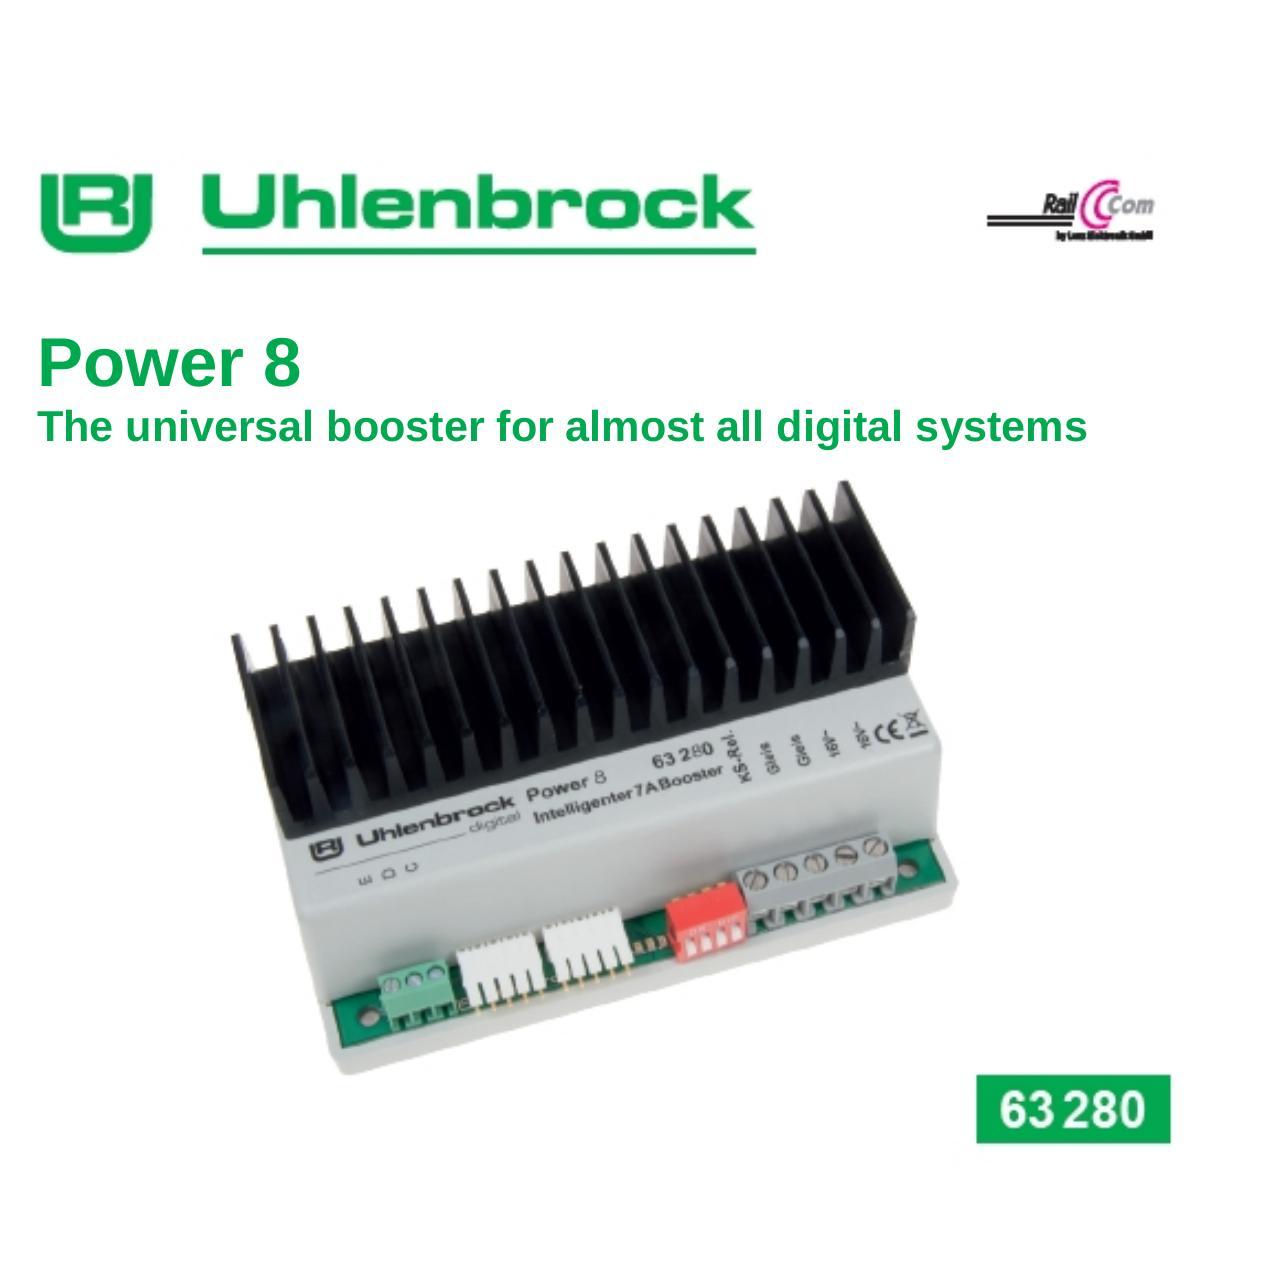 Uhlenbrock Power 8 63280 Par Wolf Fichier Pdf Loconet Dcc Wiring Diagram 63280pdf Page 1 28